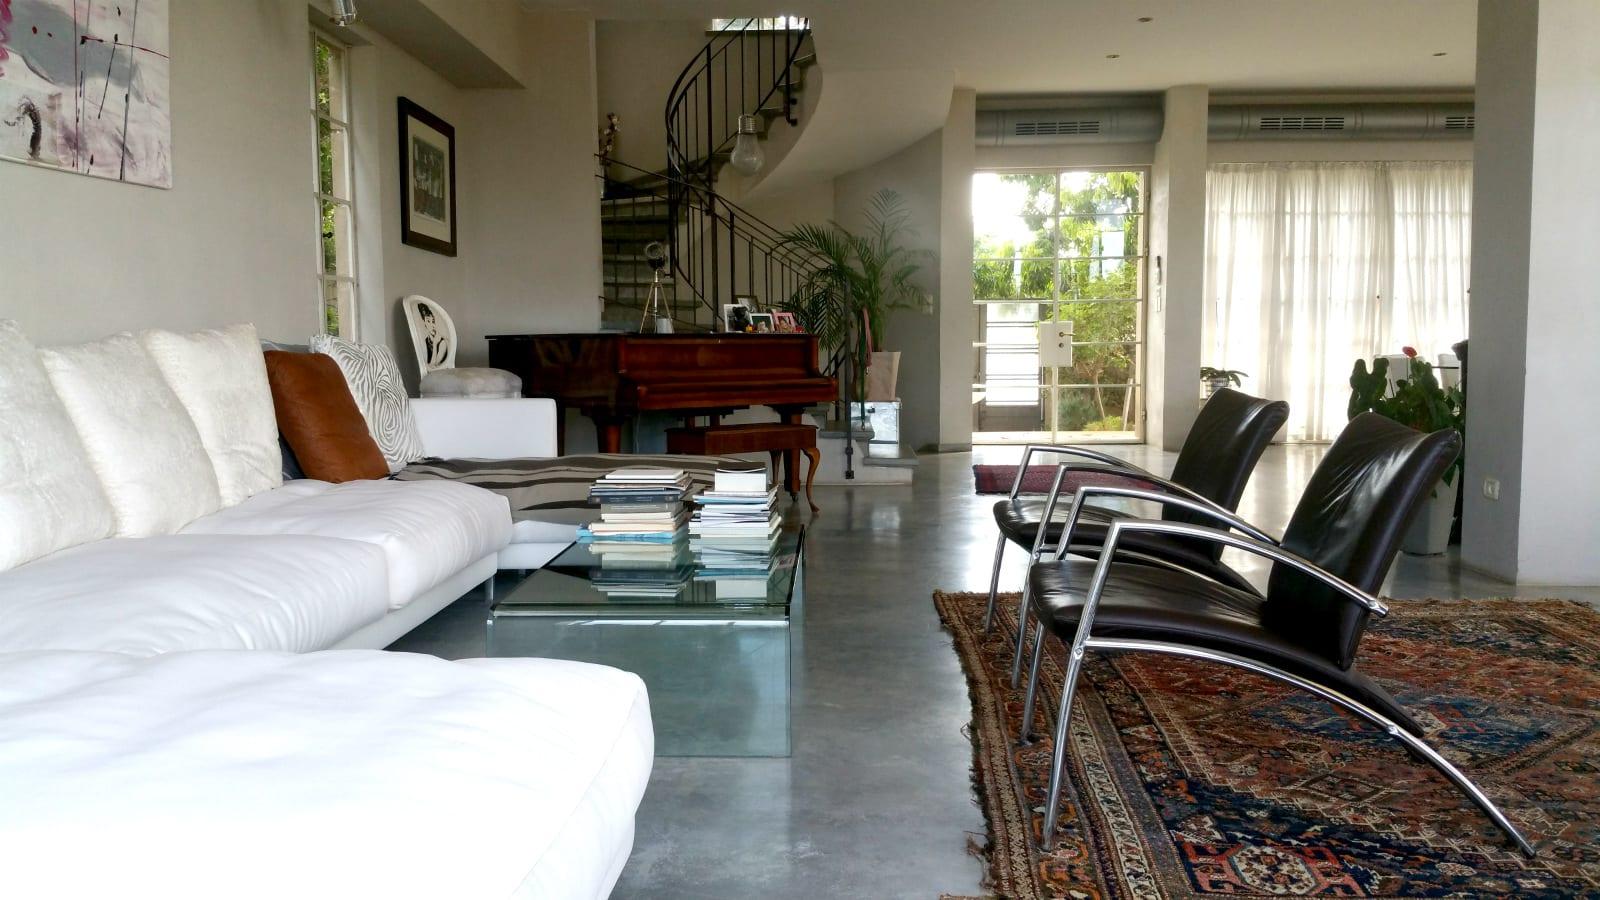 הסלון והמדרגות לקומת המגורים ולמרתף בבית למכירה בבני ציון